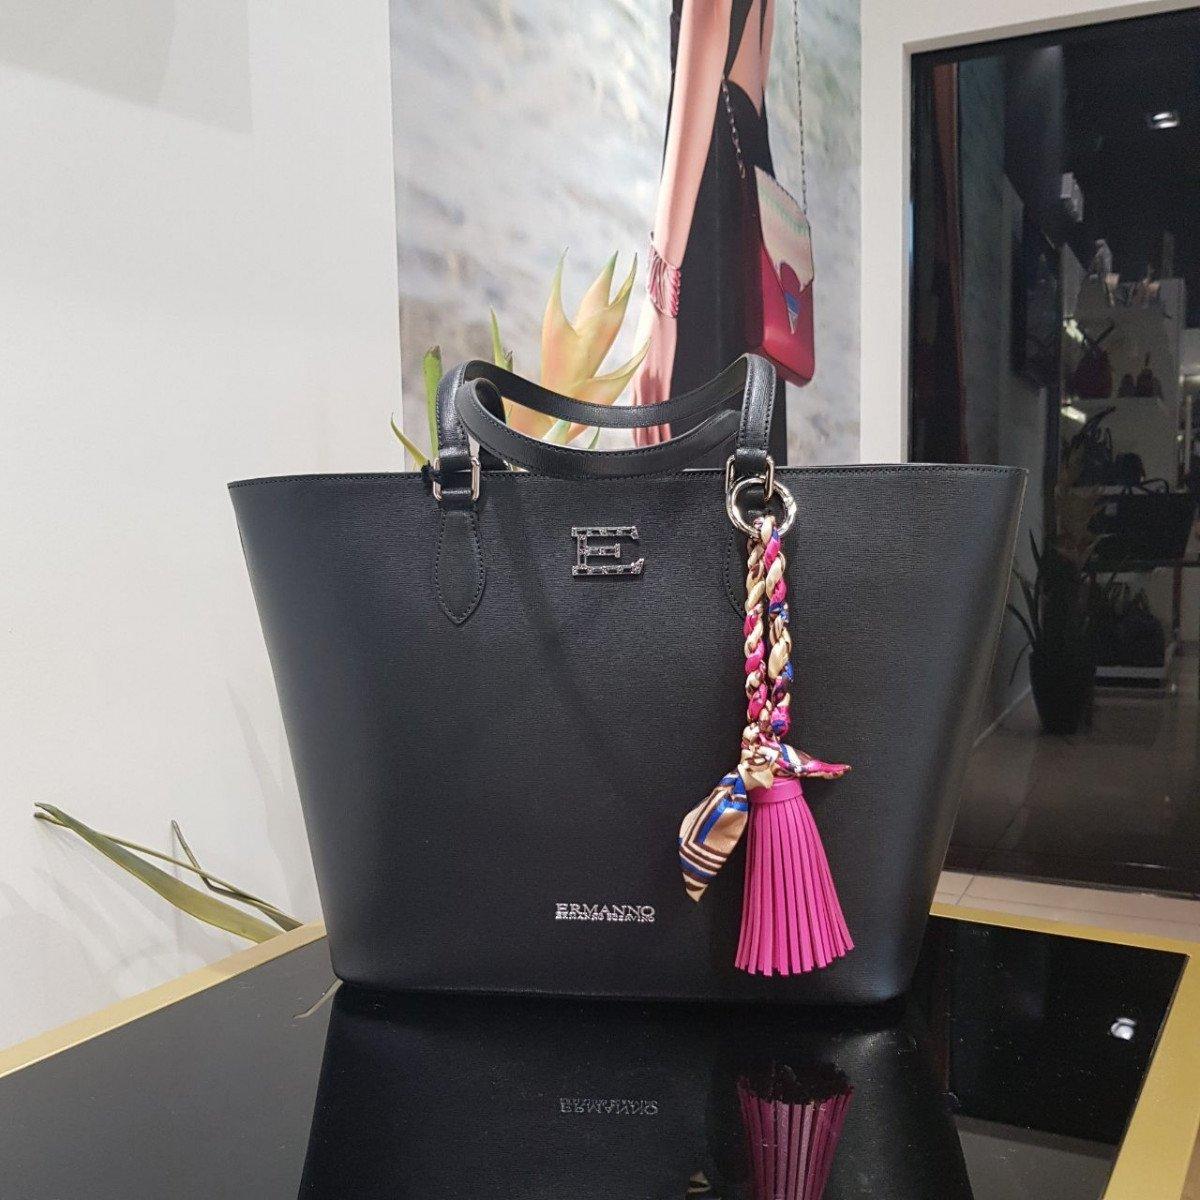 Женская кожаная сумка Ermanno Scervino 12400309 из натуральной кожи